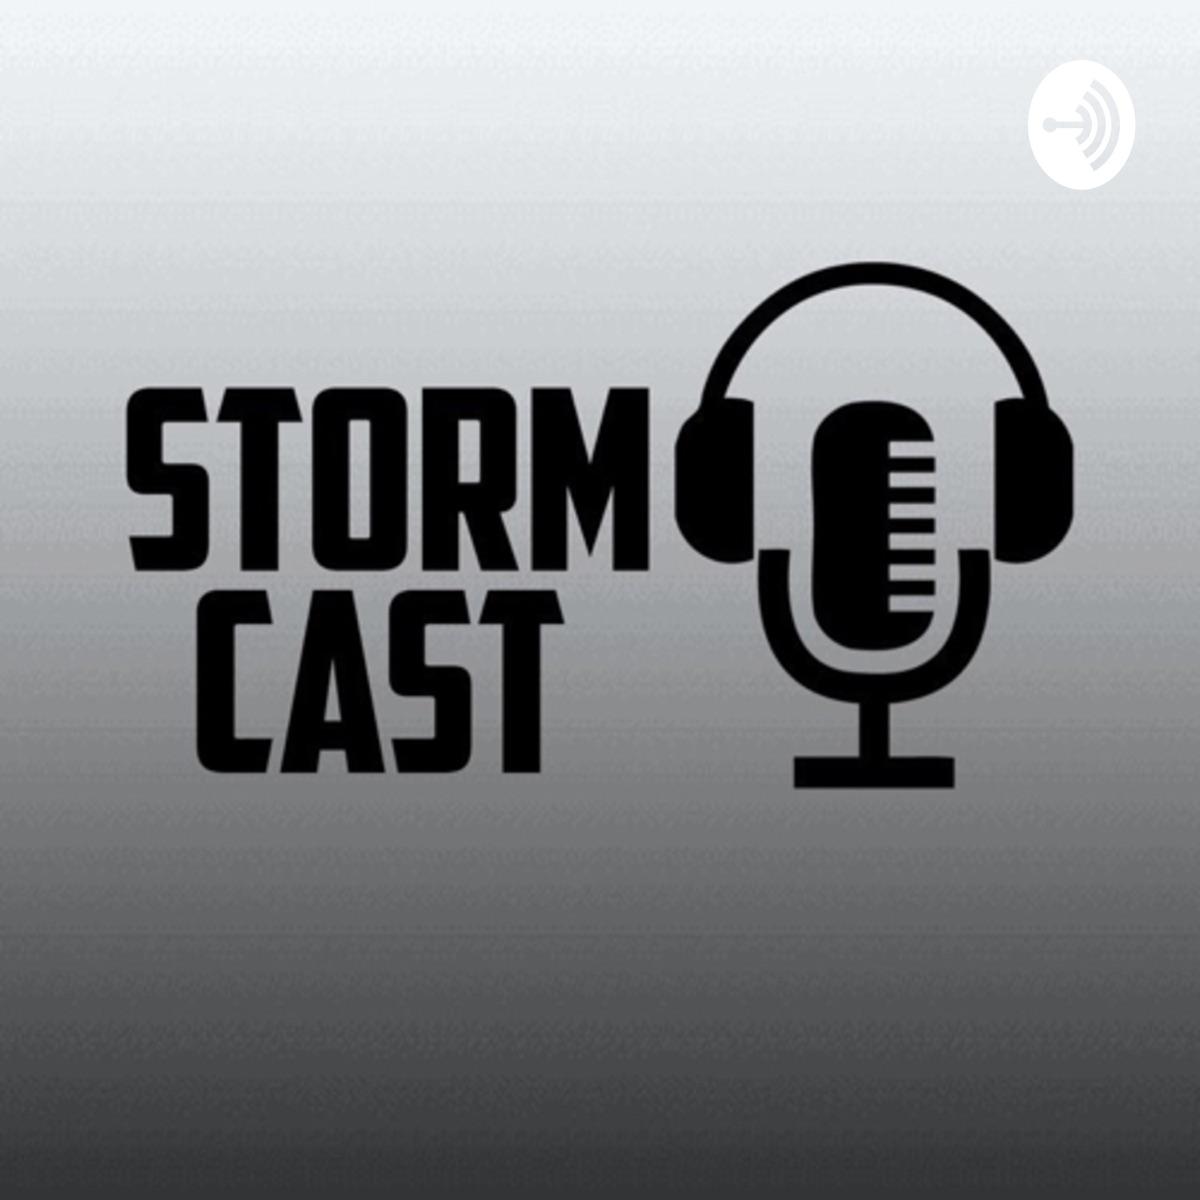 Storm Cast